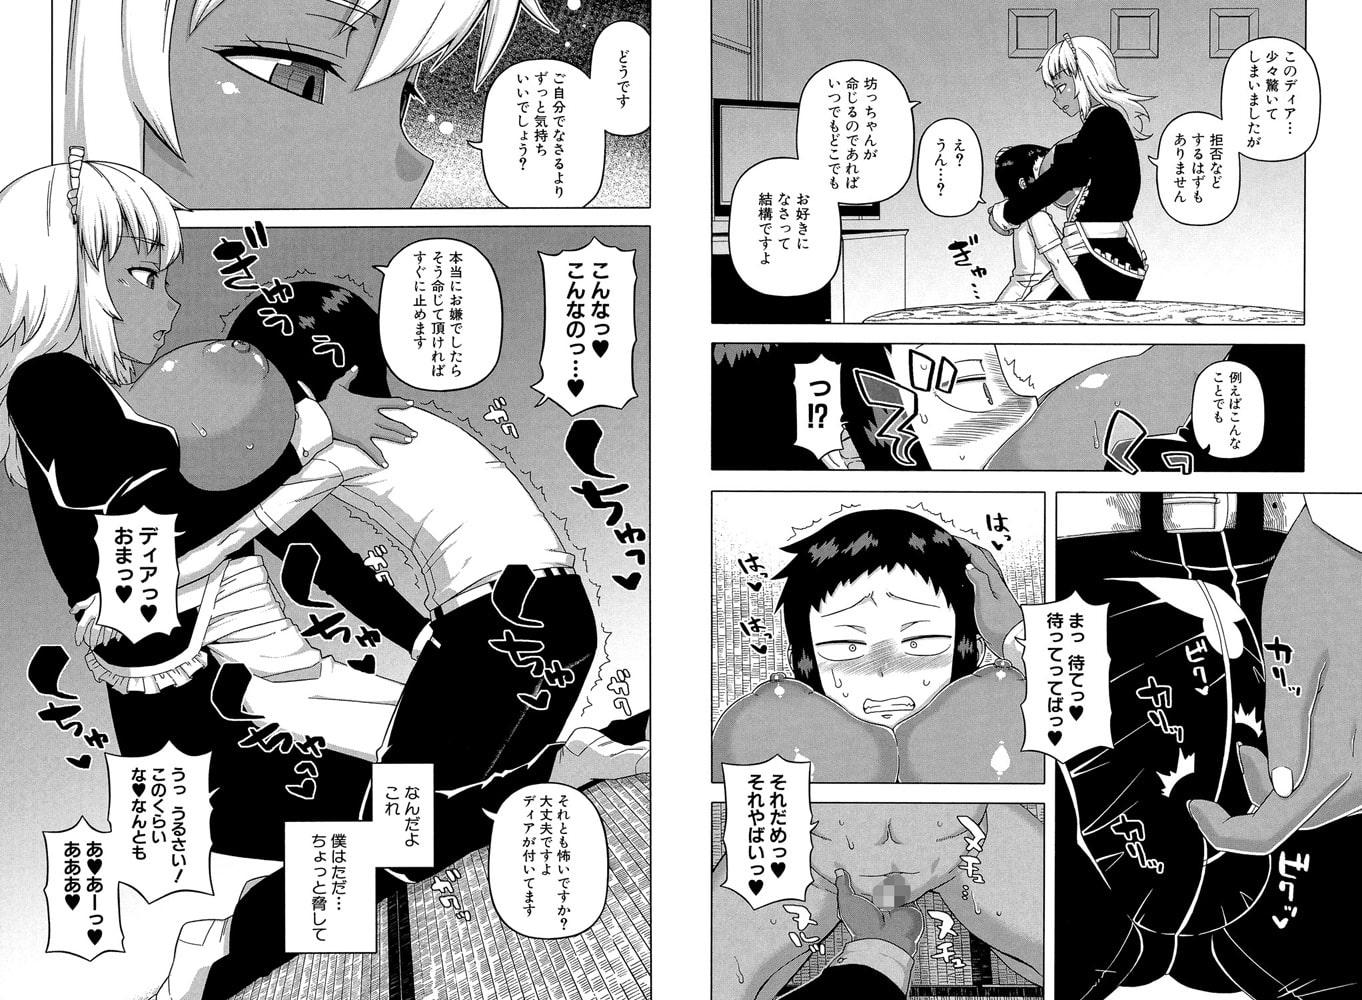 【ティーアイネット】高津先生 2冊パック(202005)